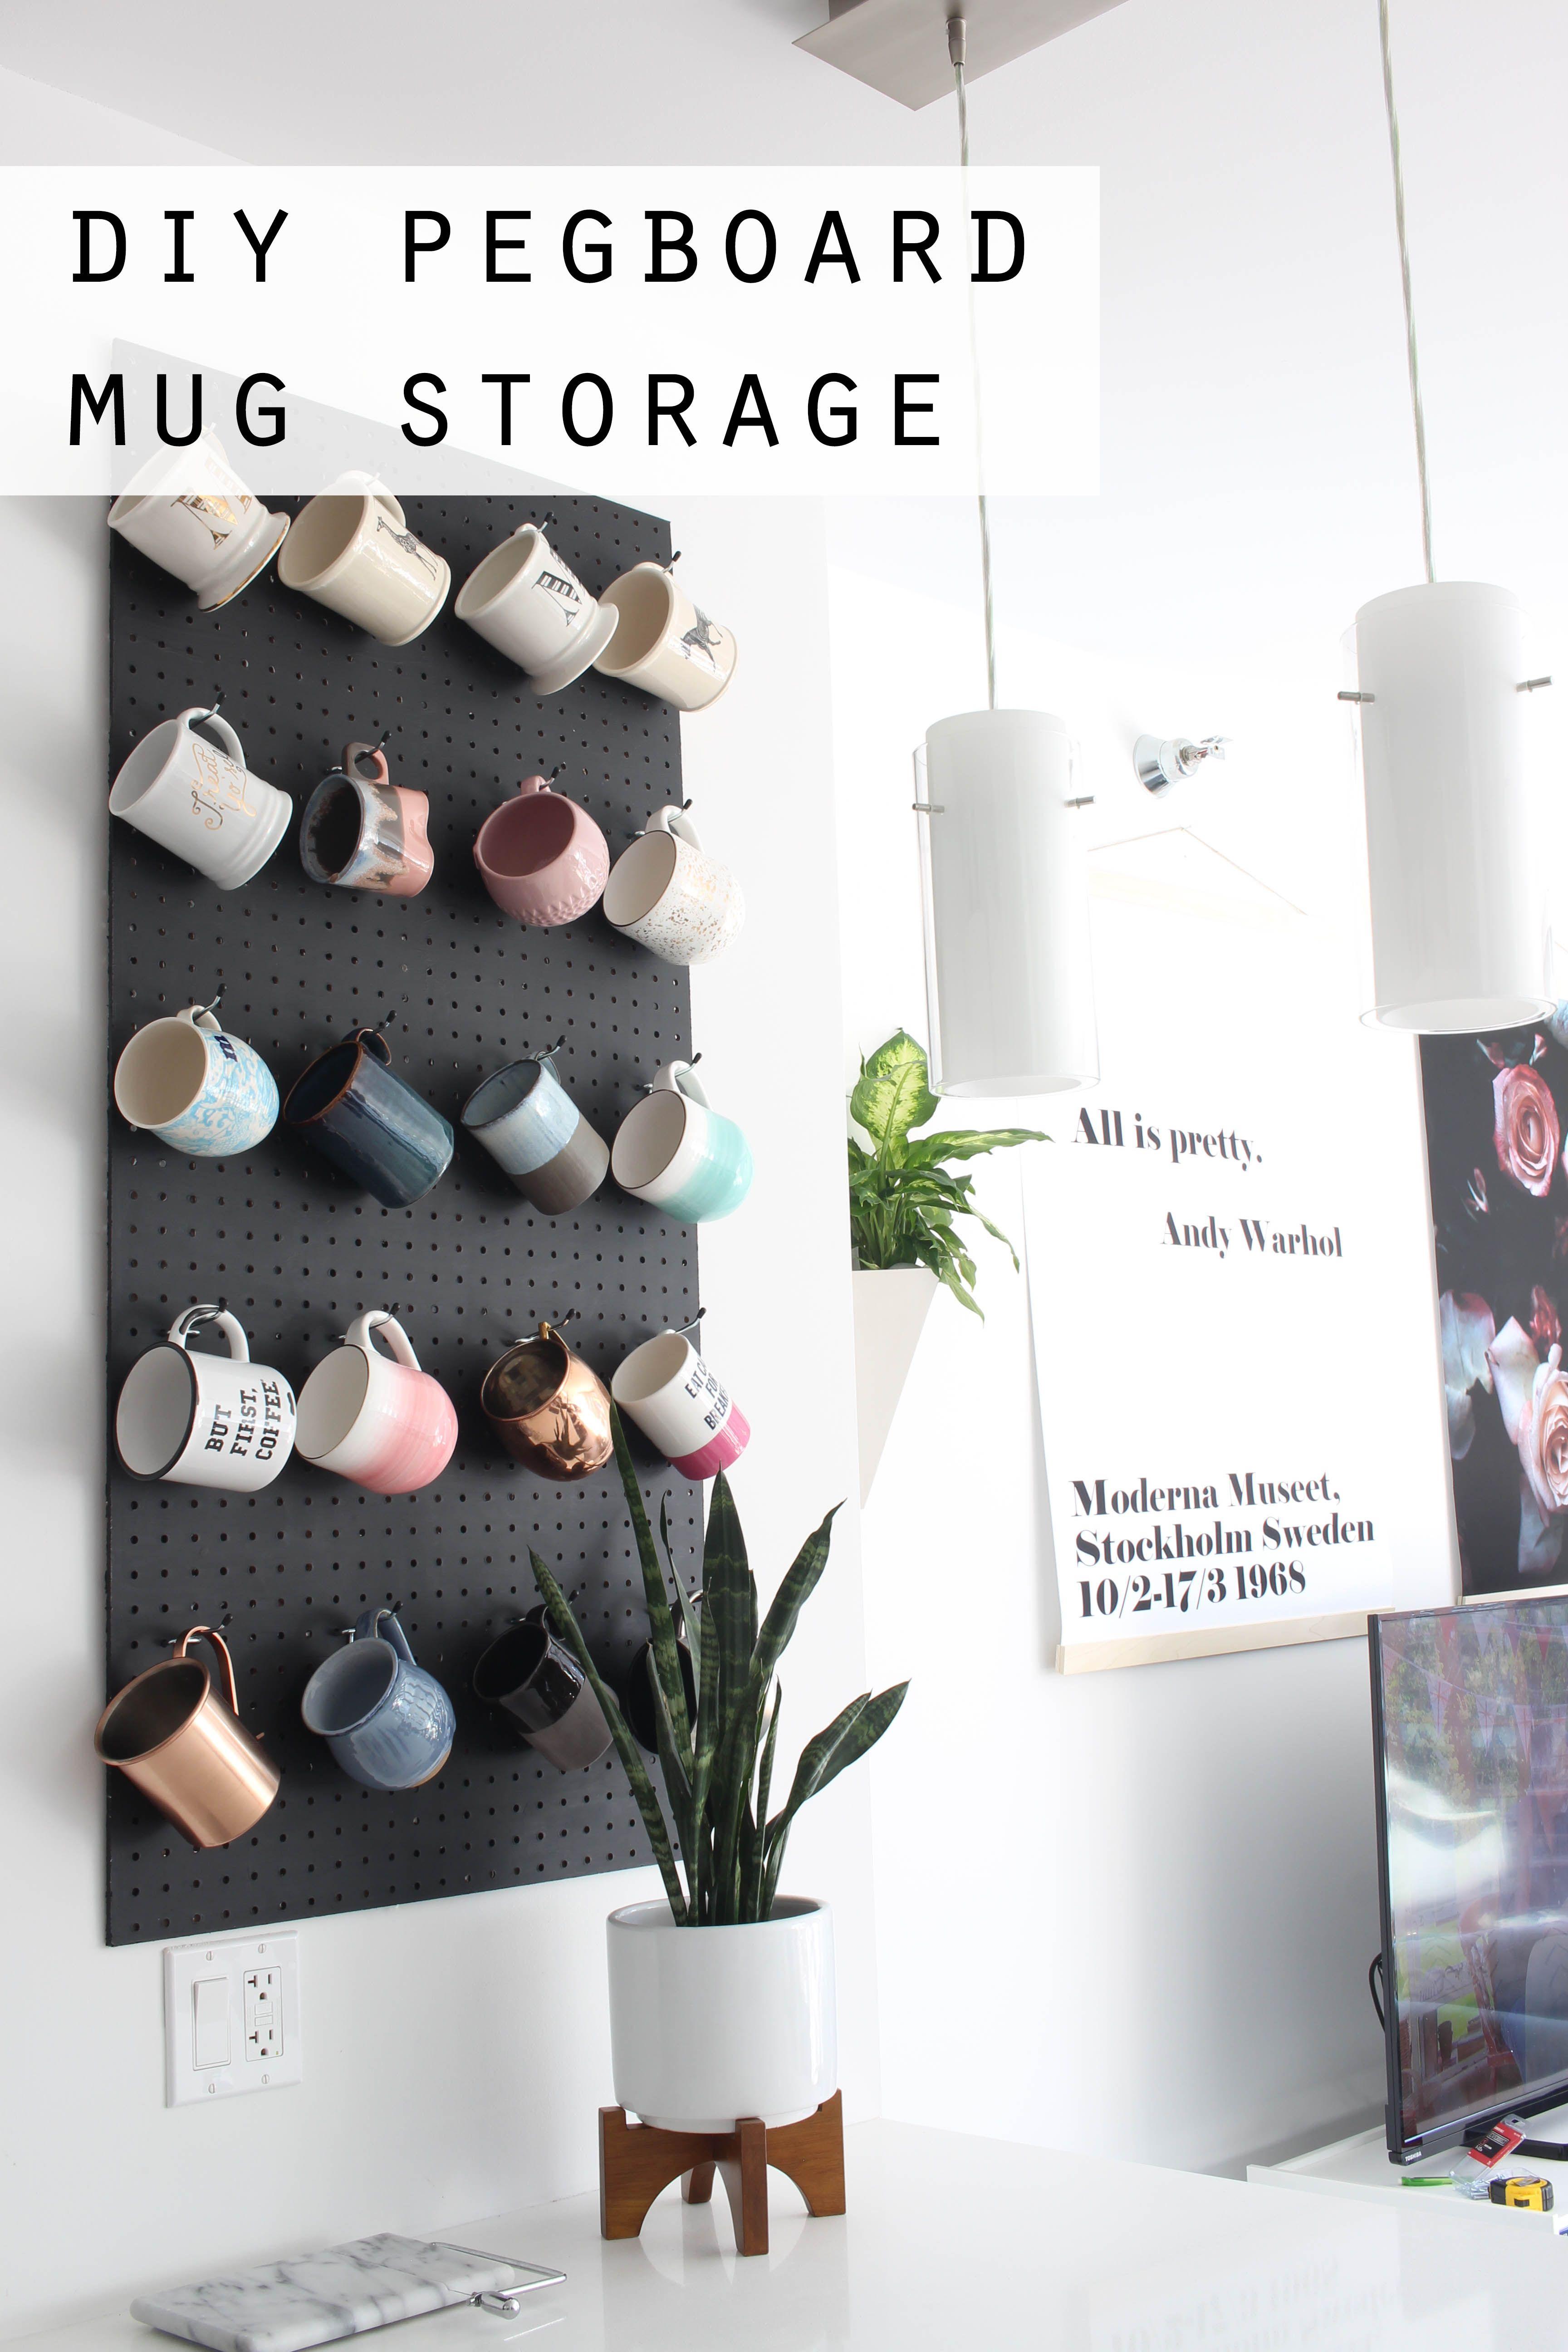 Diy Pegboard Mug Storage Mug Storage Peg Board Diy Peg Board